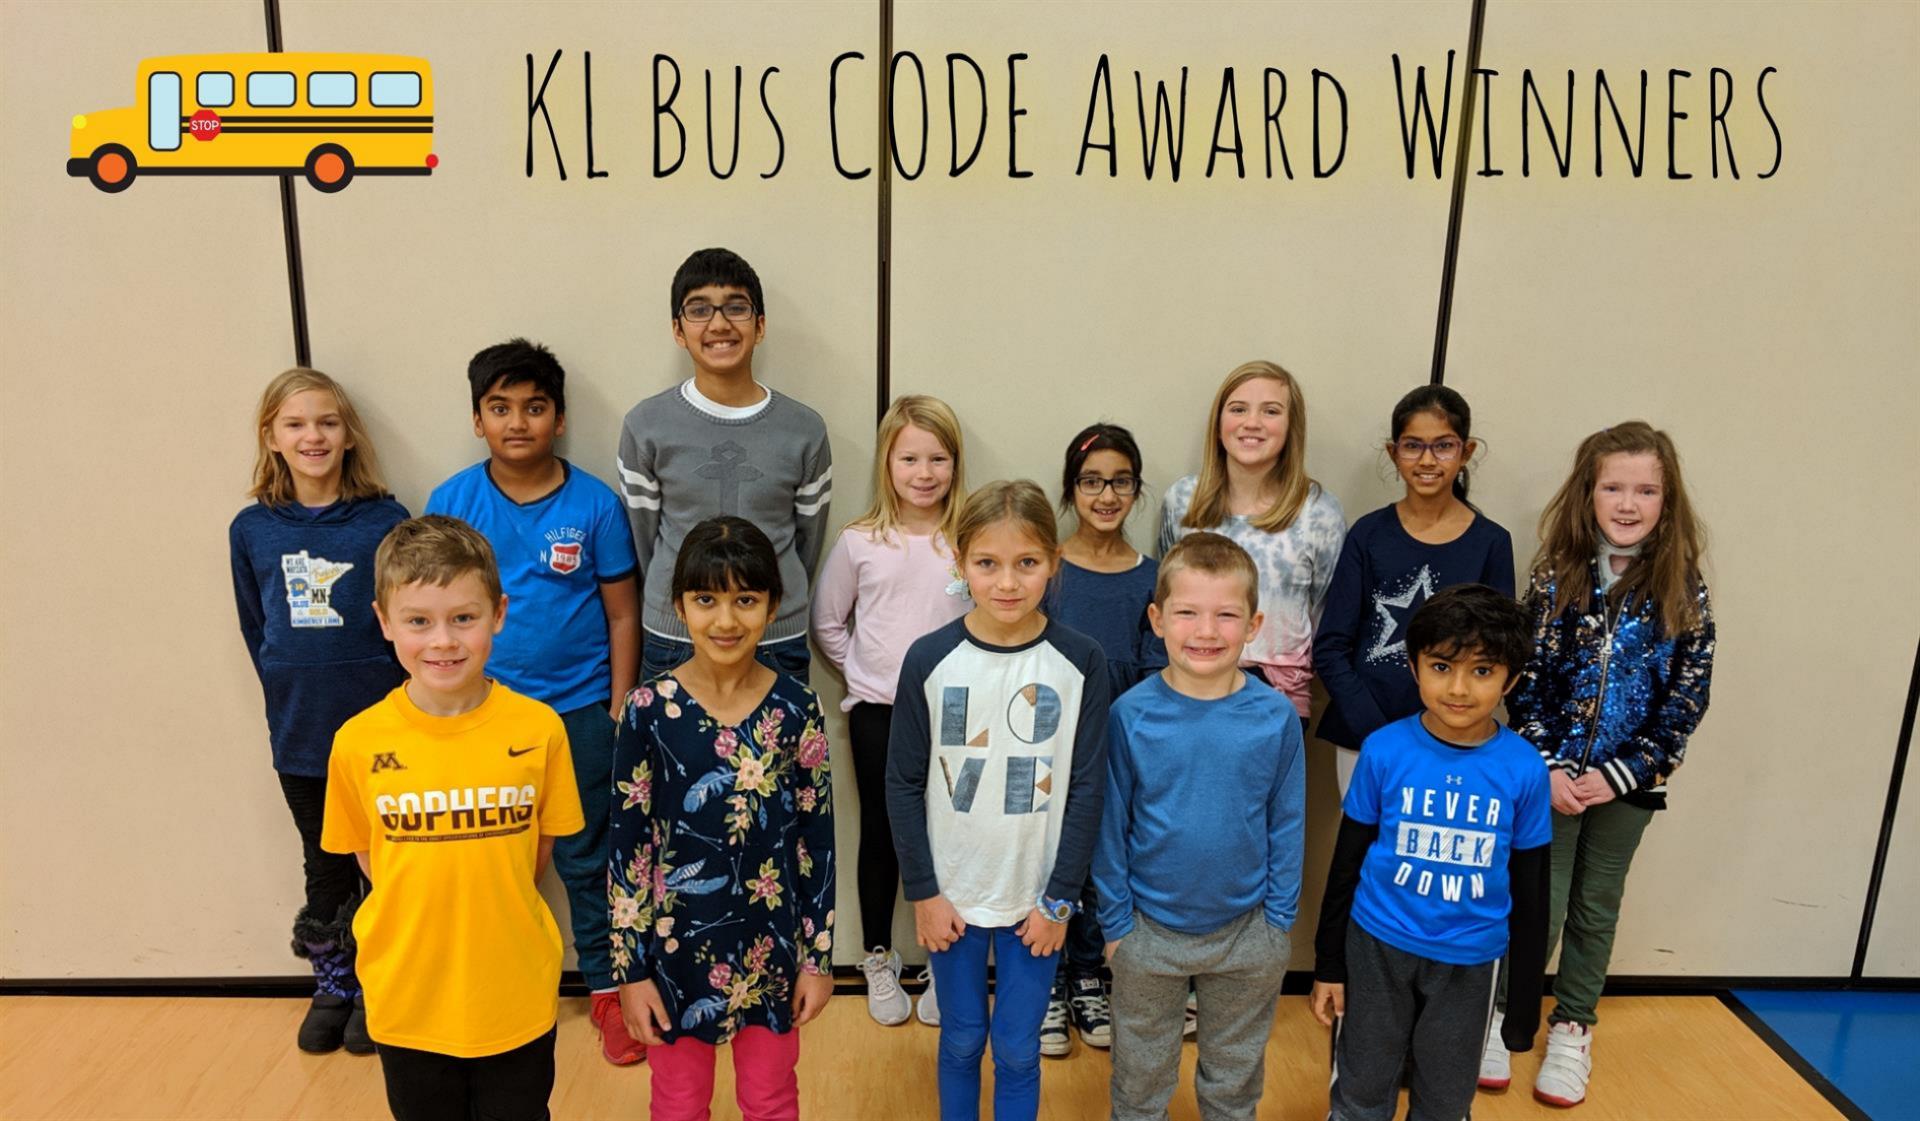 KL Bus C.O.D.E. Award Winners